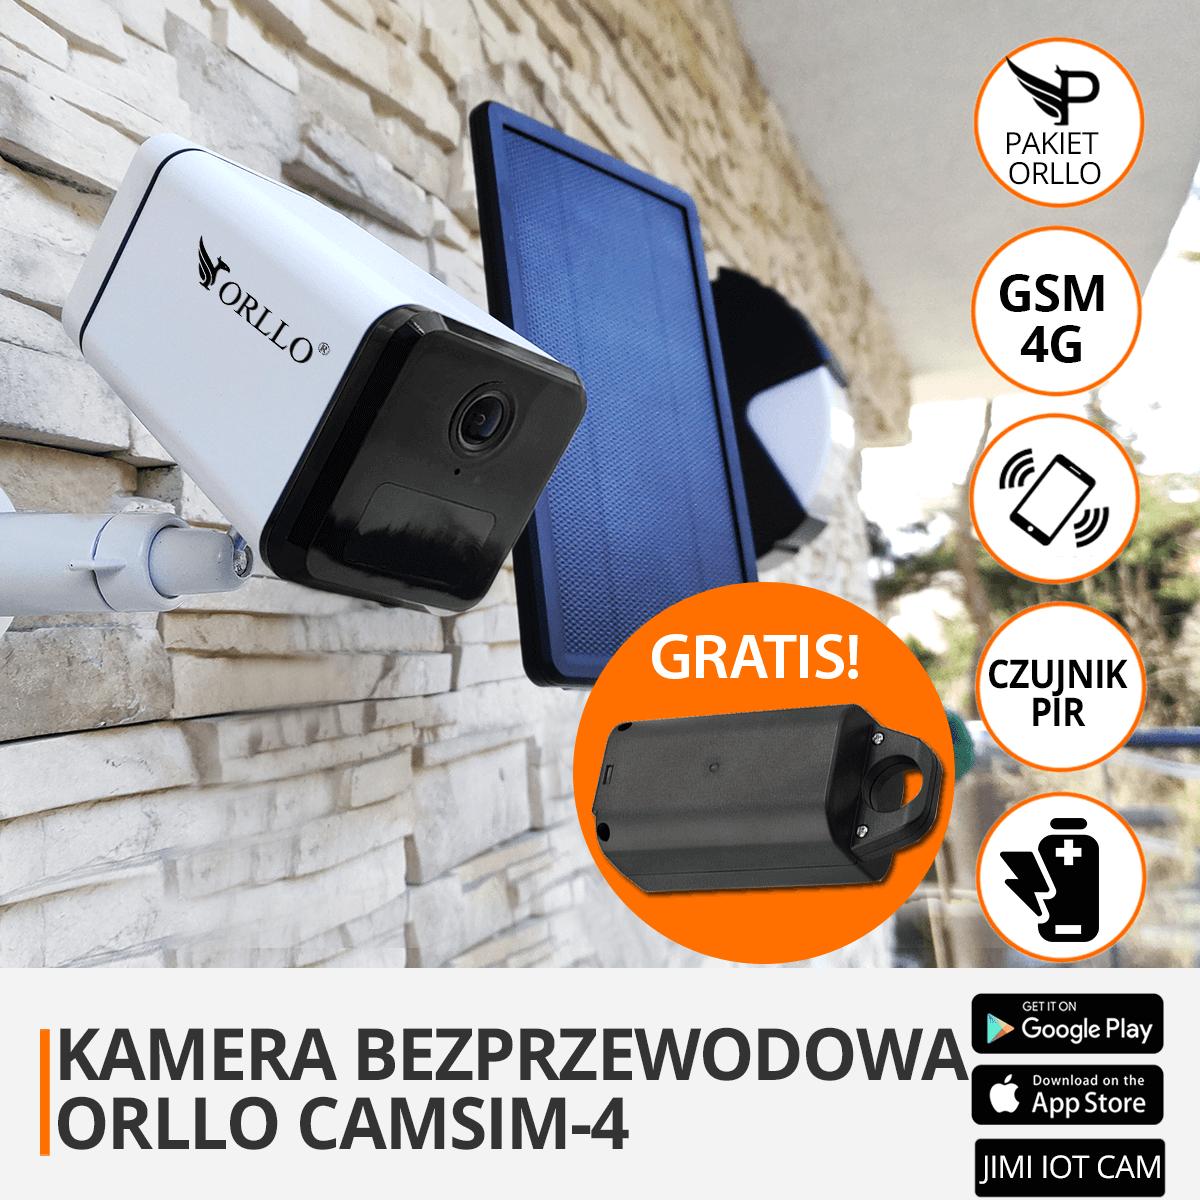 kamera bezprzewodowa domowa na baterie funkcje orllo.pl